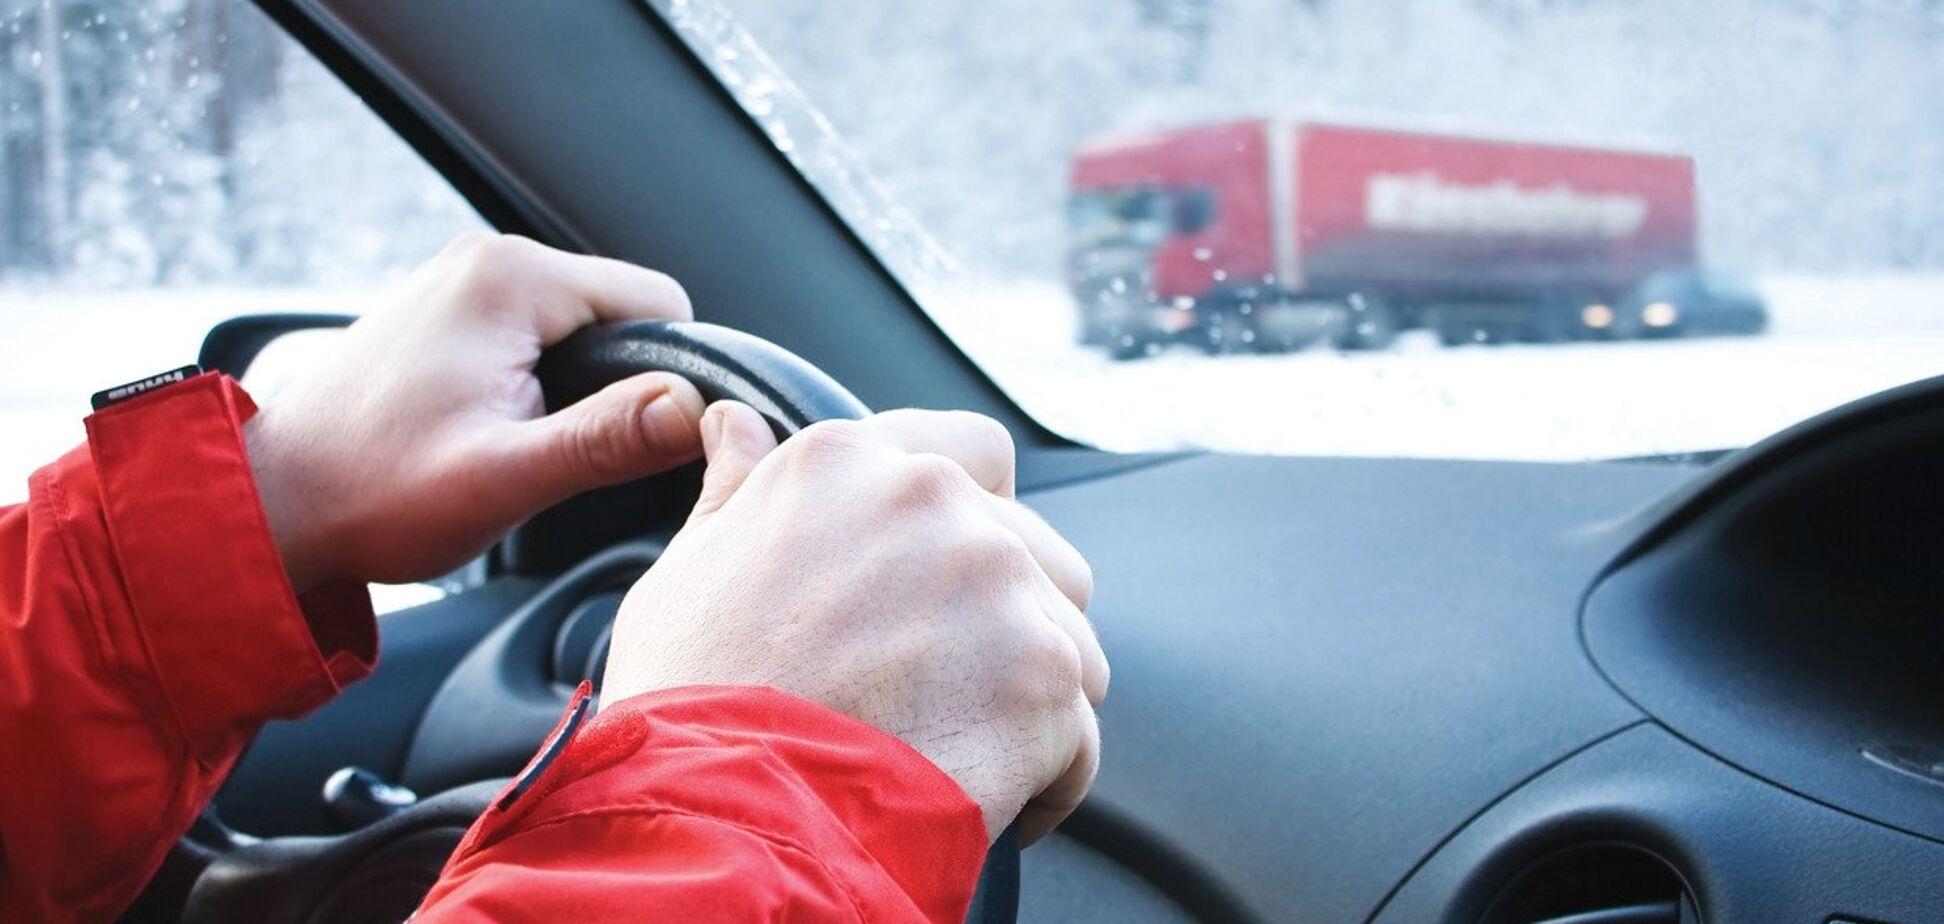 Експерти пояснили, чому в машині небезпечно їздити в зимовій куртці